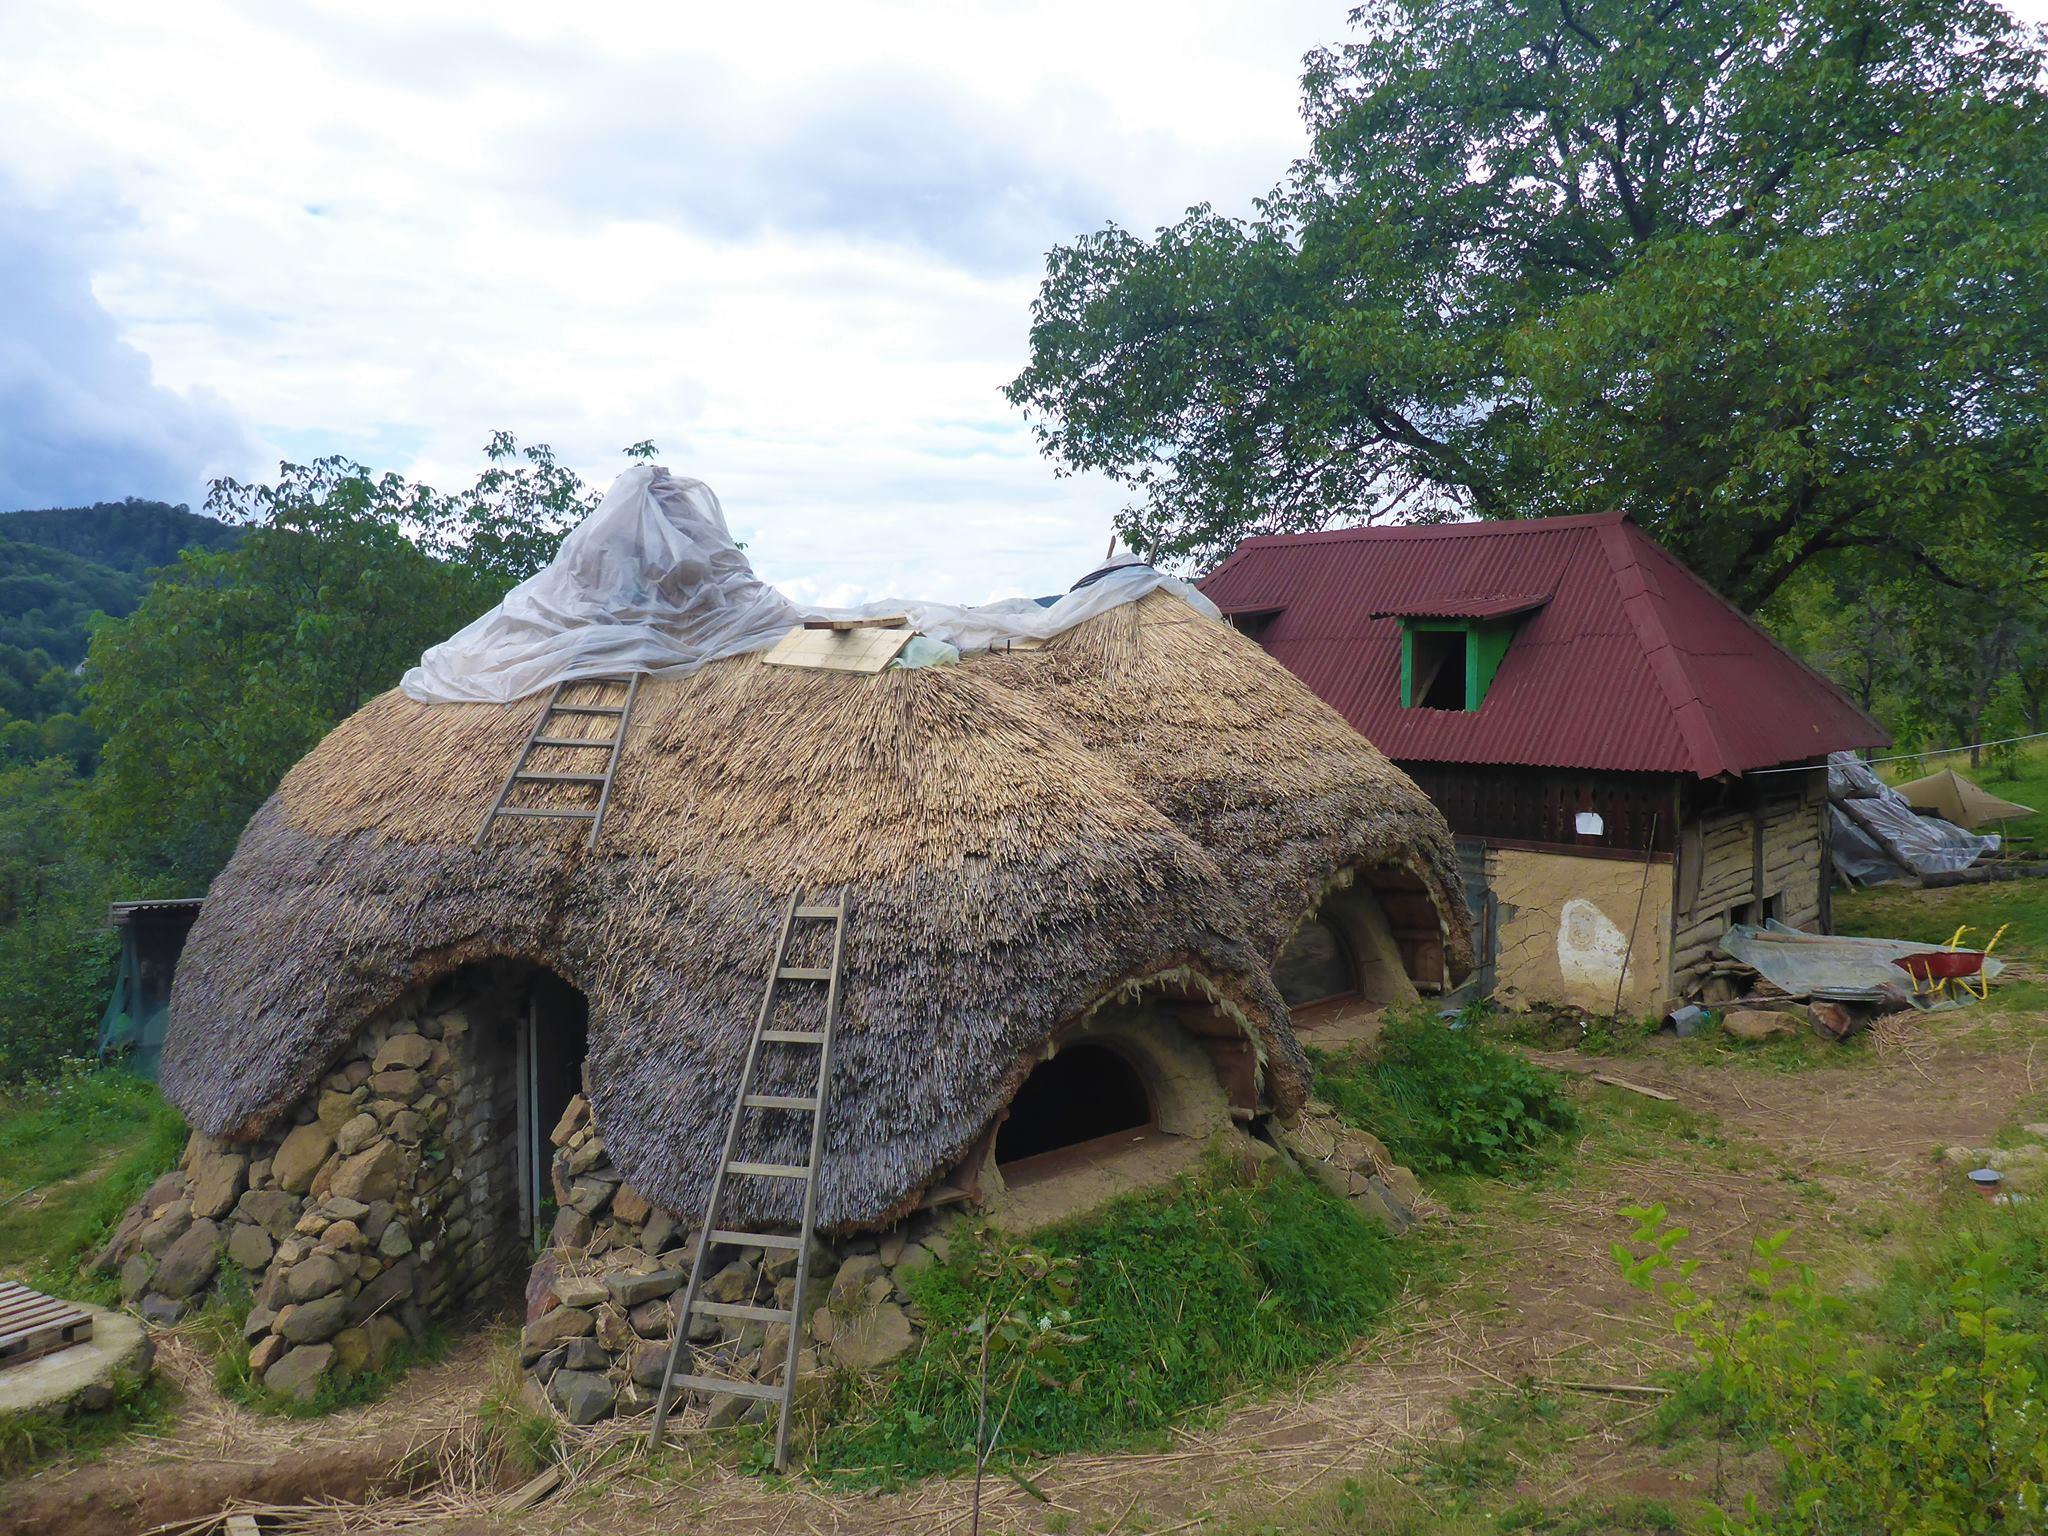 Bienvenue à Baza Ulmu, une école de permaculture en construction.